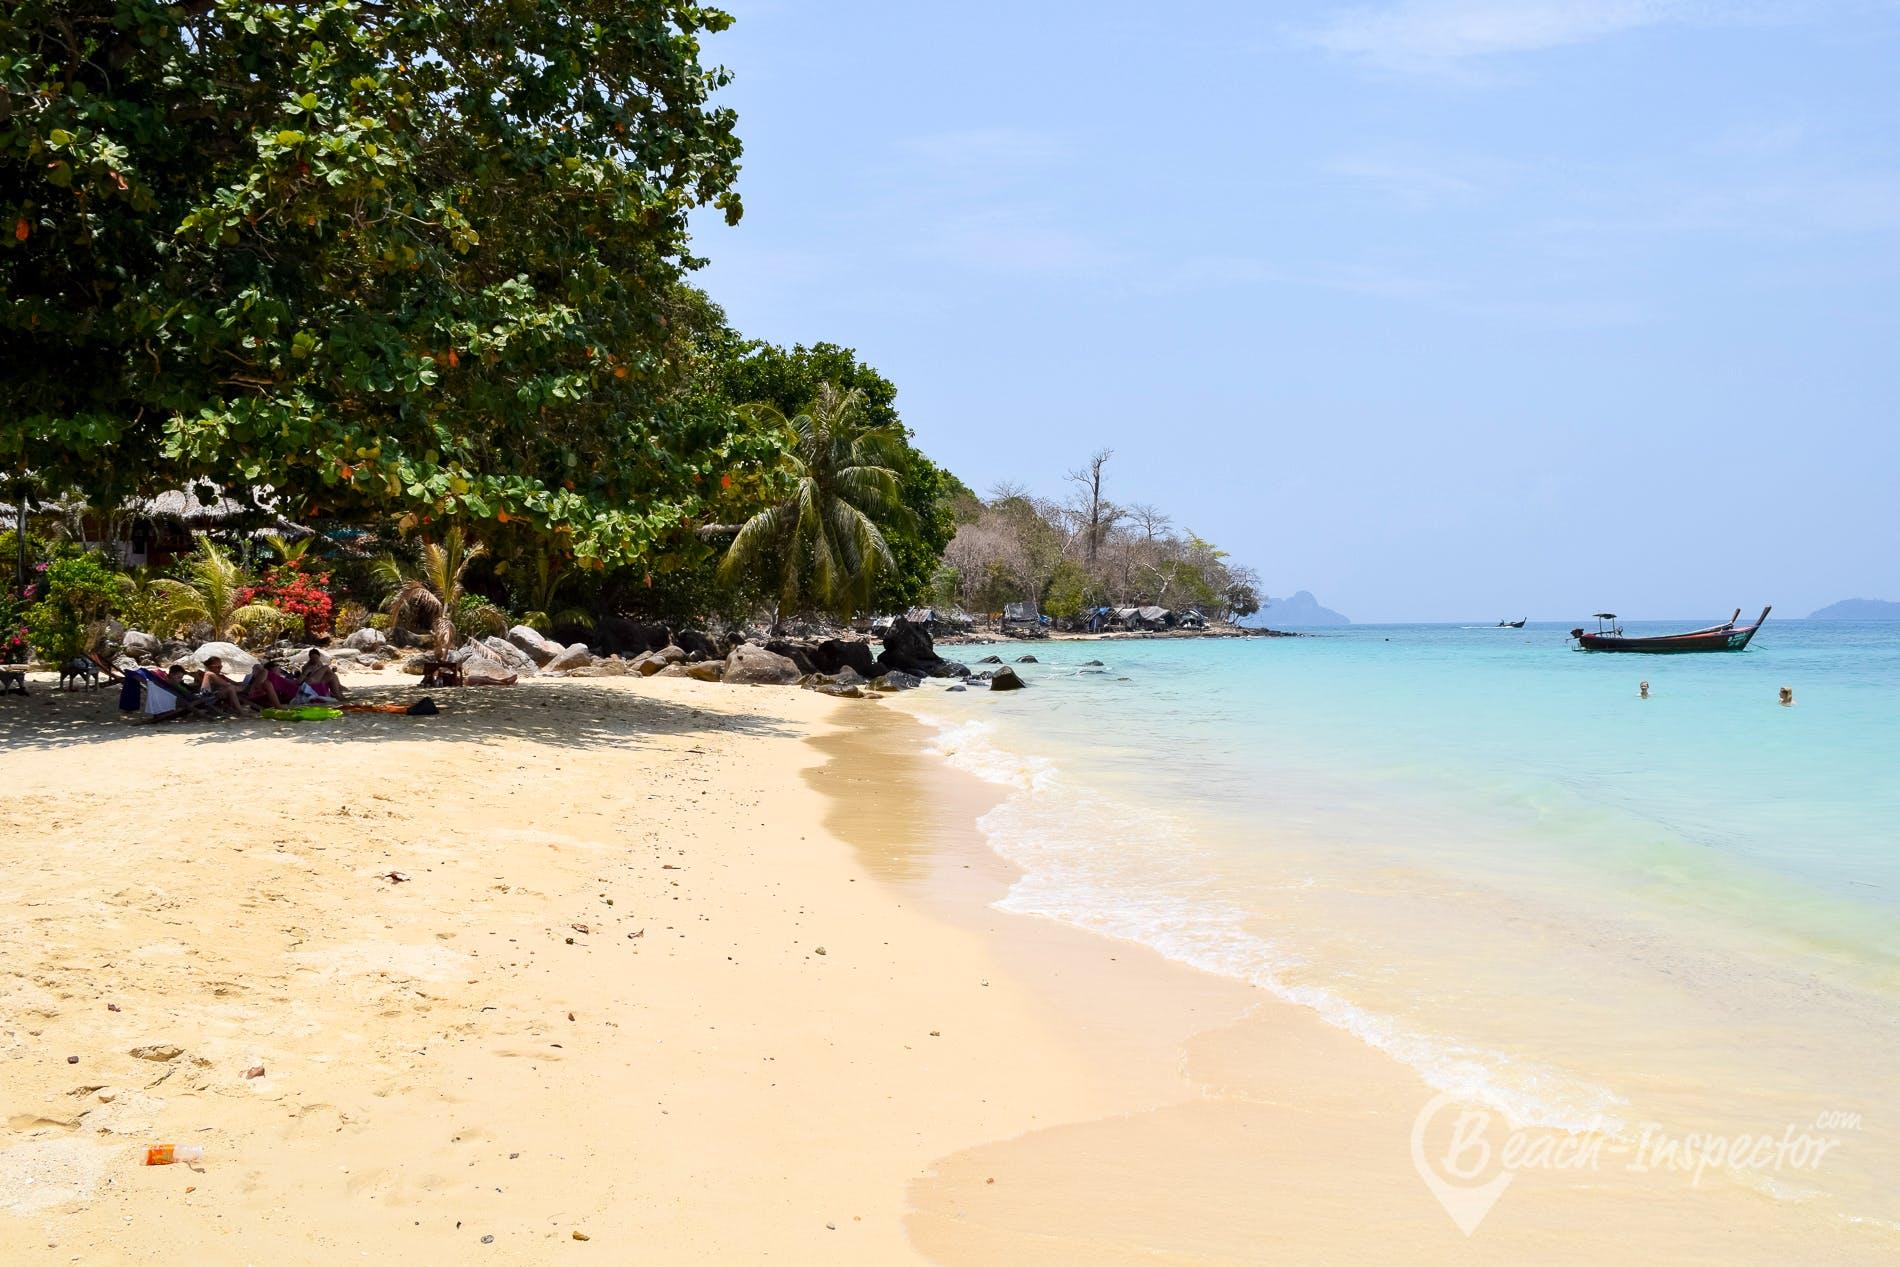 Beach Phak Nam Bay, Koh Phi Phi, Thailand